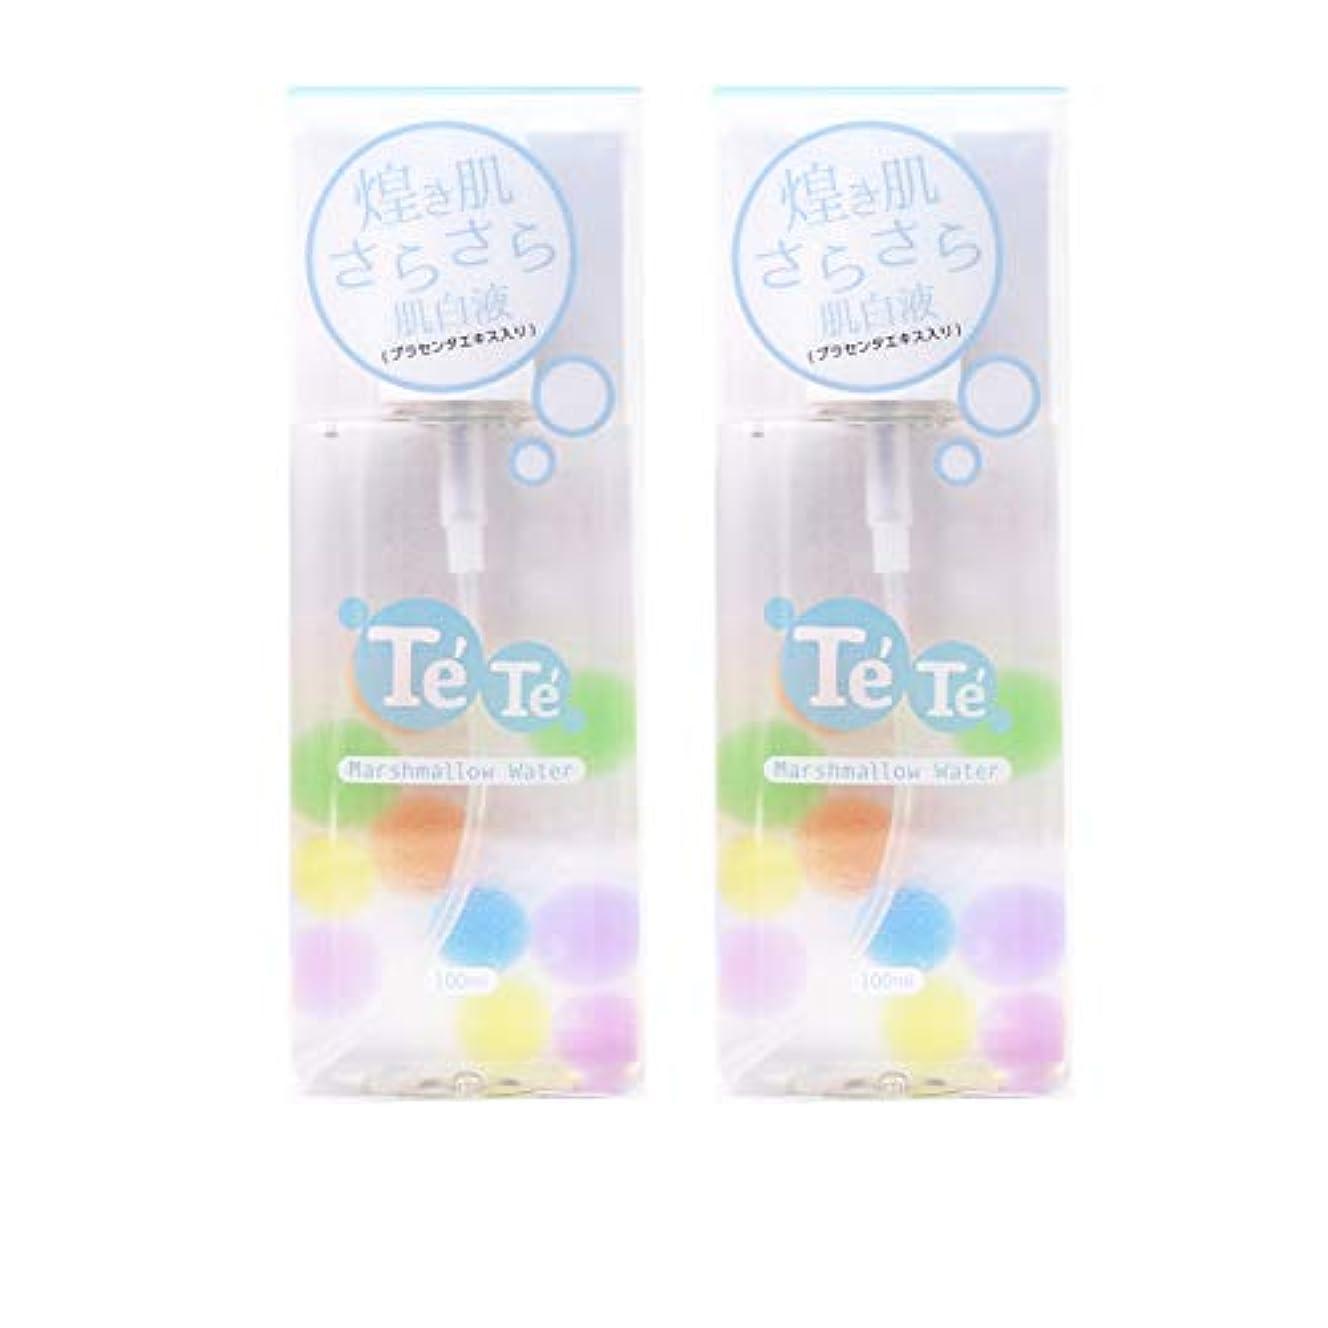 再生的回転する小道具TeTe(テテ)さらさら肌白液「2本セット」「特許申請中」